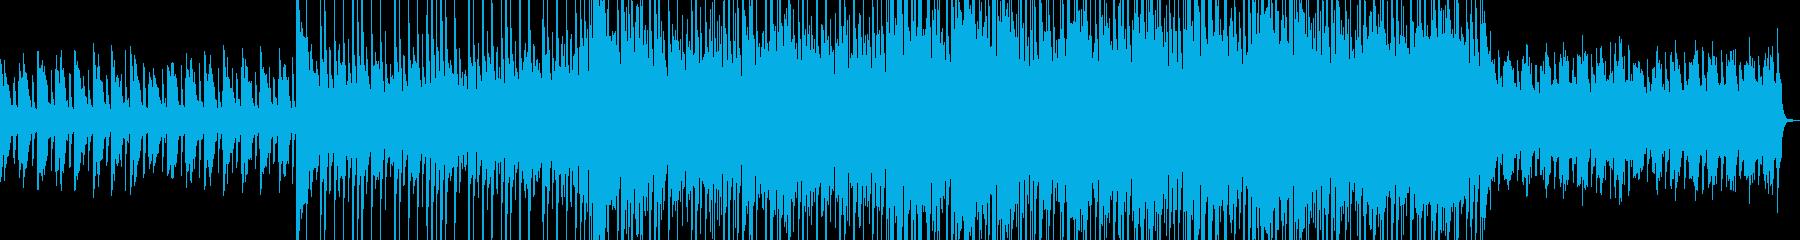 アップテンポなロック調のダンス曲の再生済みの波形